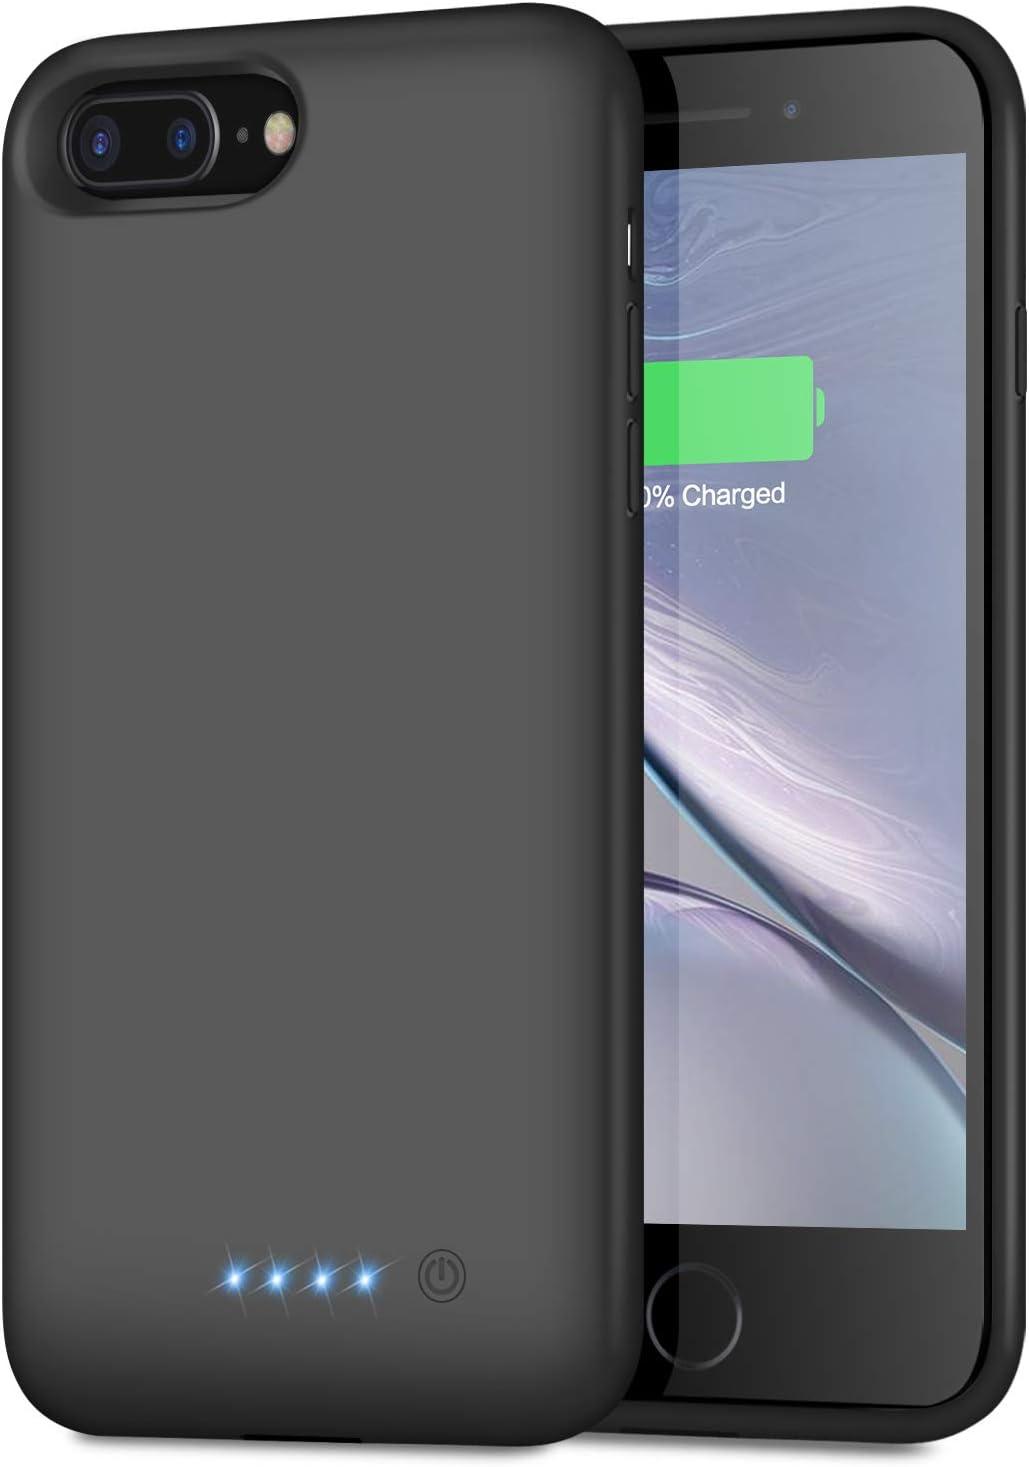 Funda Con Bateria De 8500mAh para iPhone 7Plus 8 Plus 6Plus